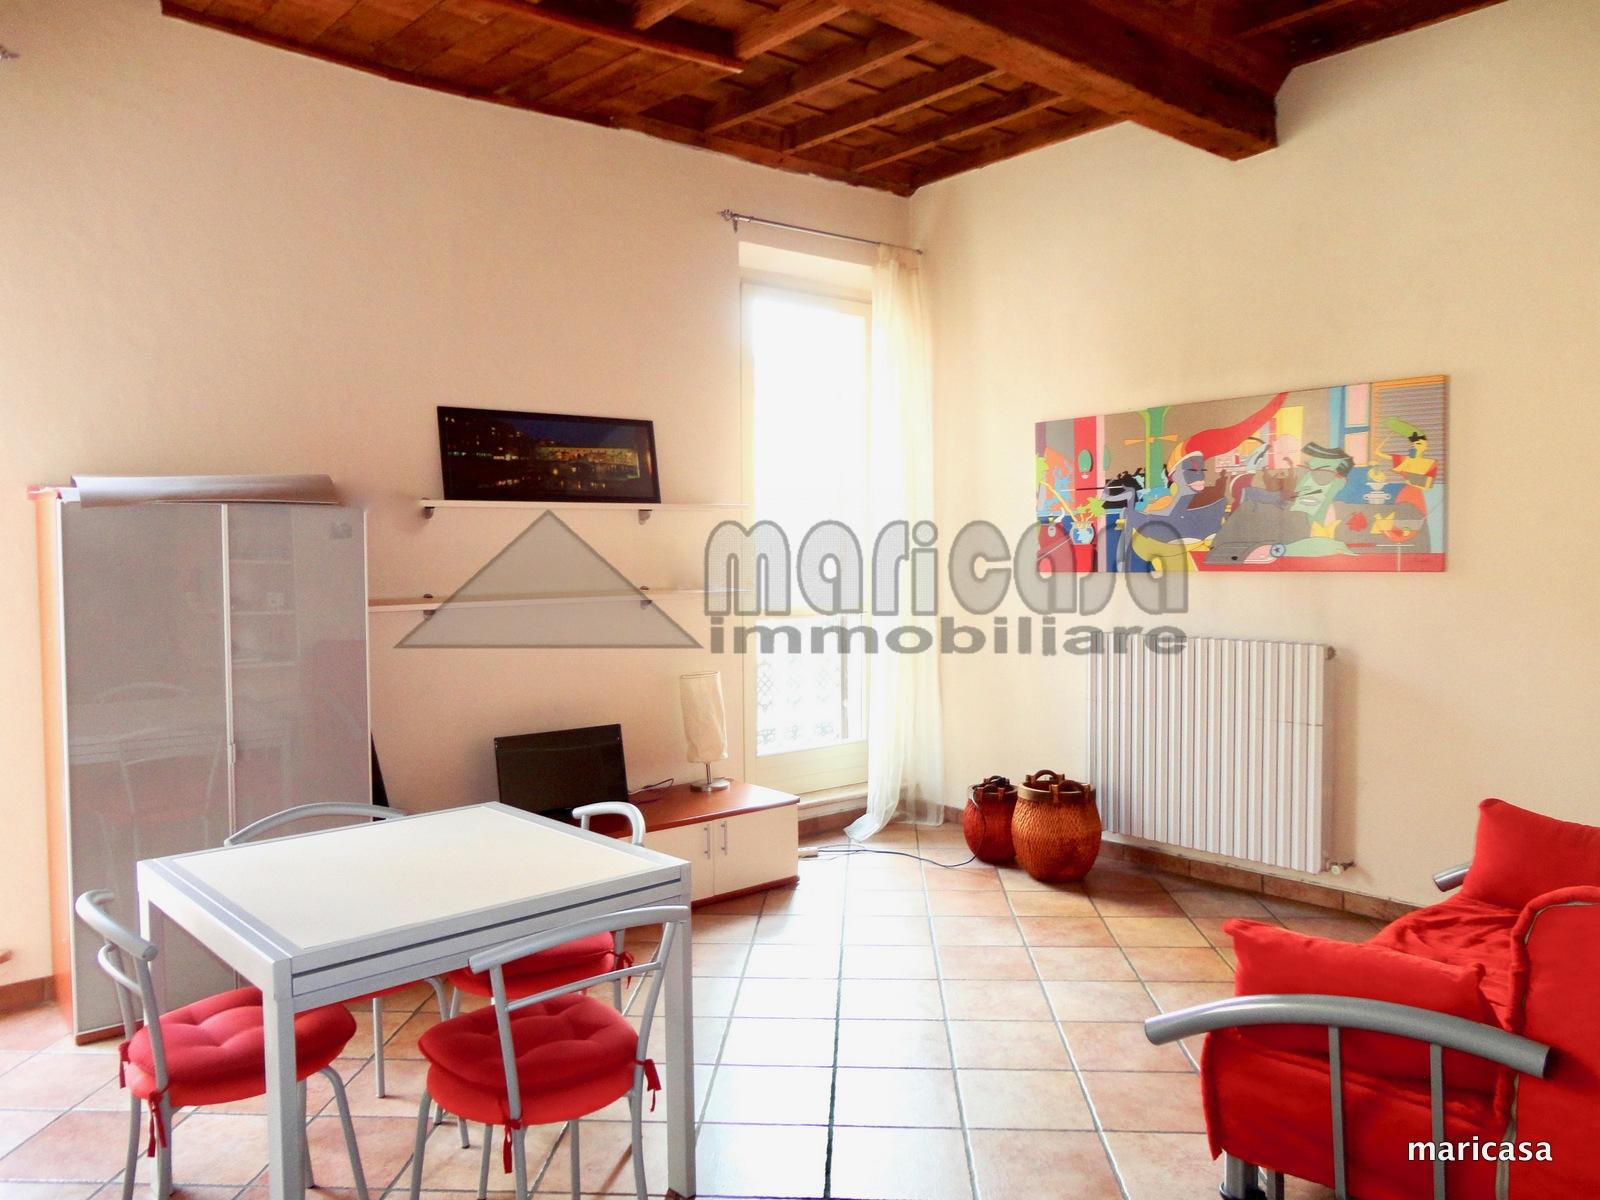 Appartamento in affitto a Ferrara, 2 locali, zona Località: Centrostorico, prezzo € 600 | CambioCasa.it